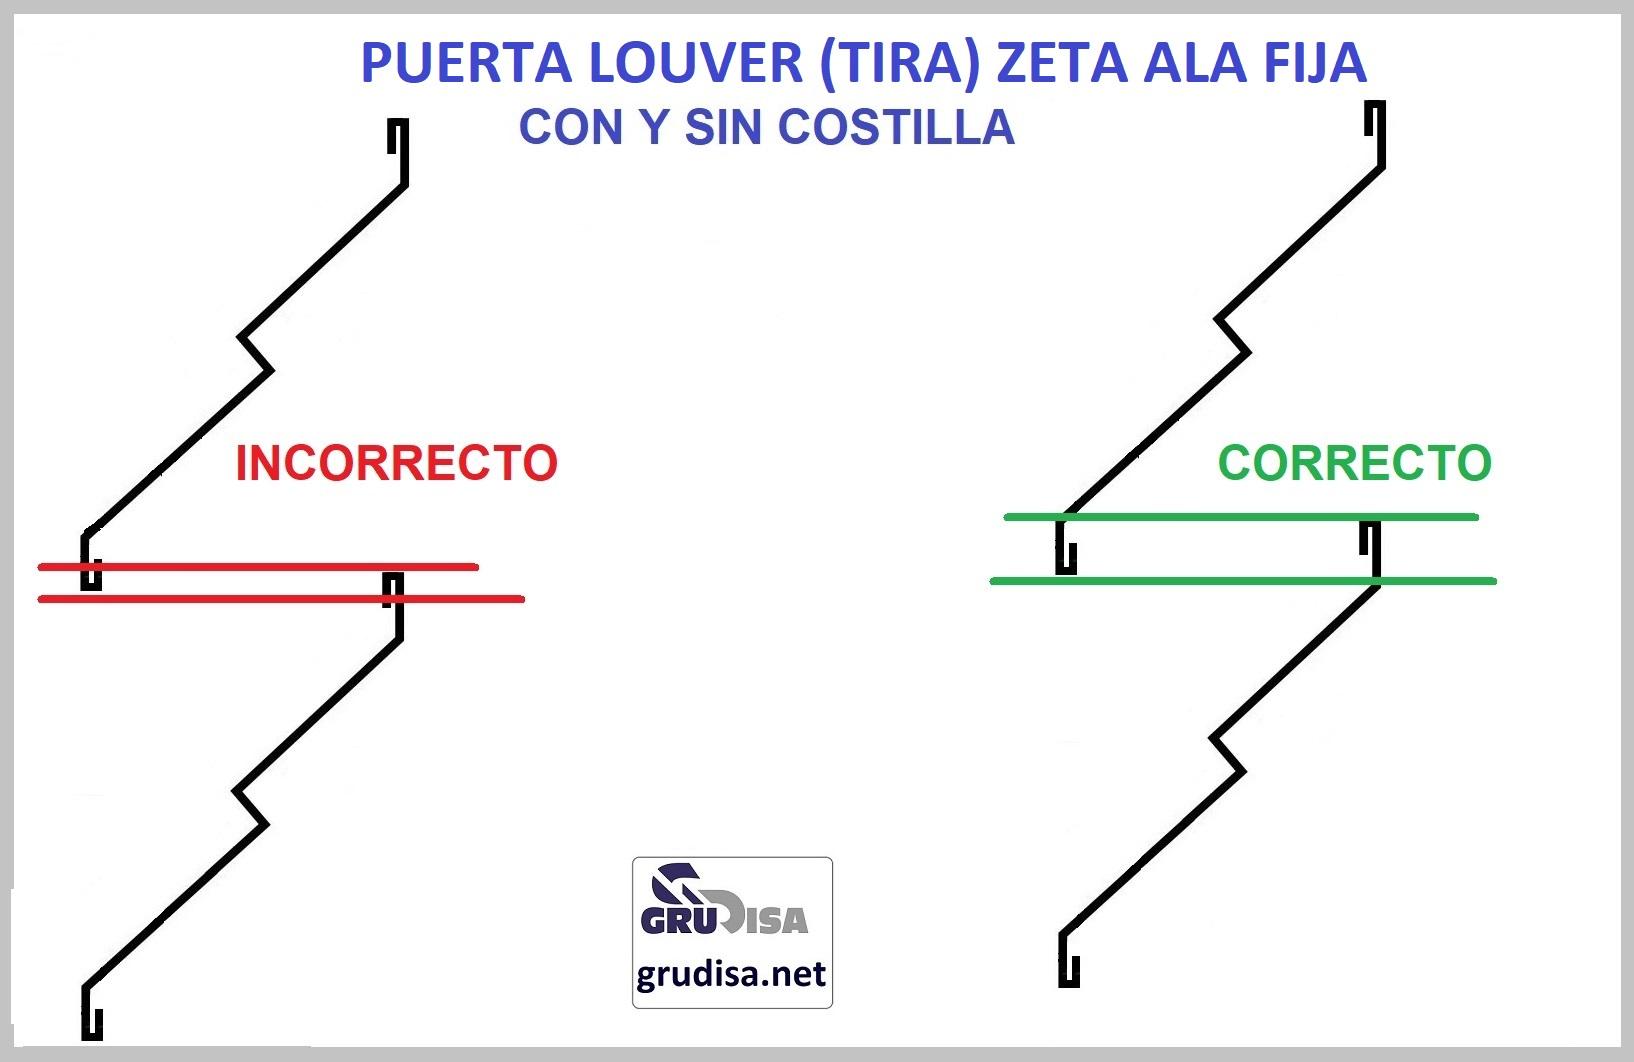 """PUERTA LOUVER Z (TIRA) PERFILES DE 1 1/2"""" y 2"""" LARGOS DE 0.91  1.22  2.44  y  3.05 m"""